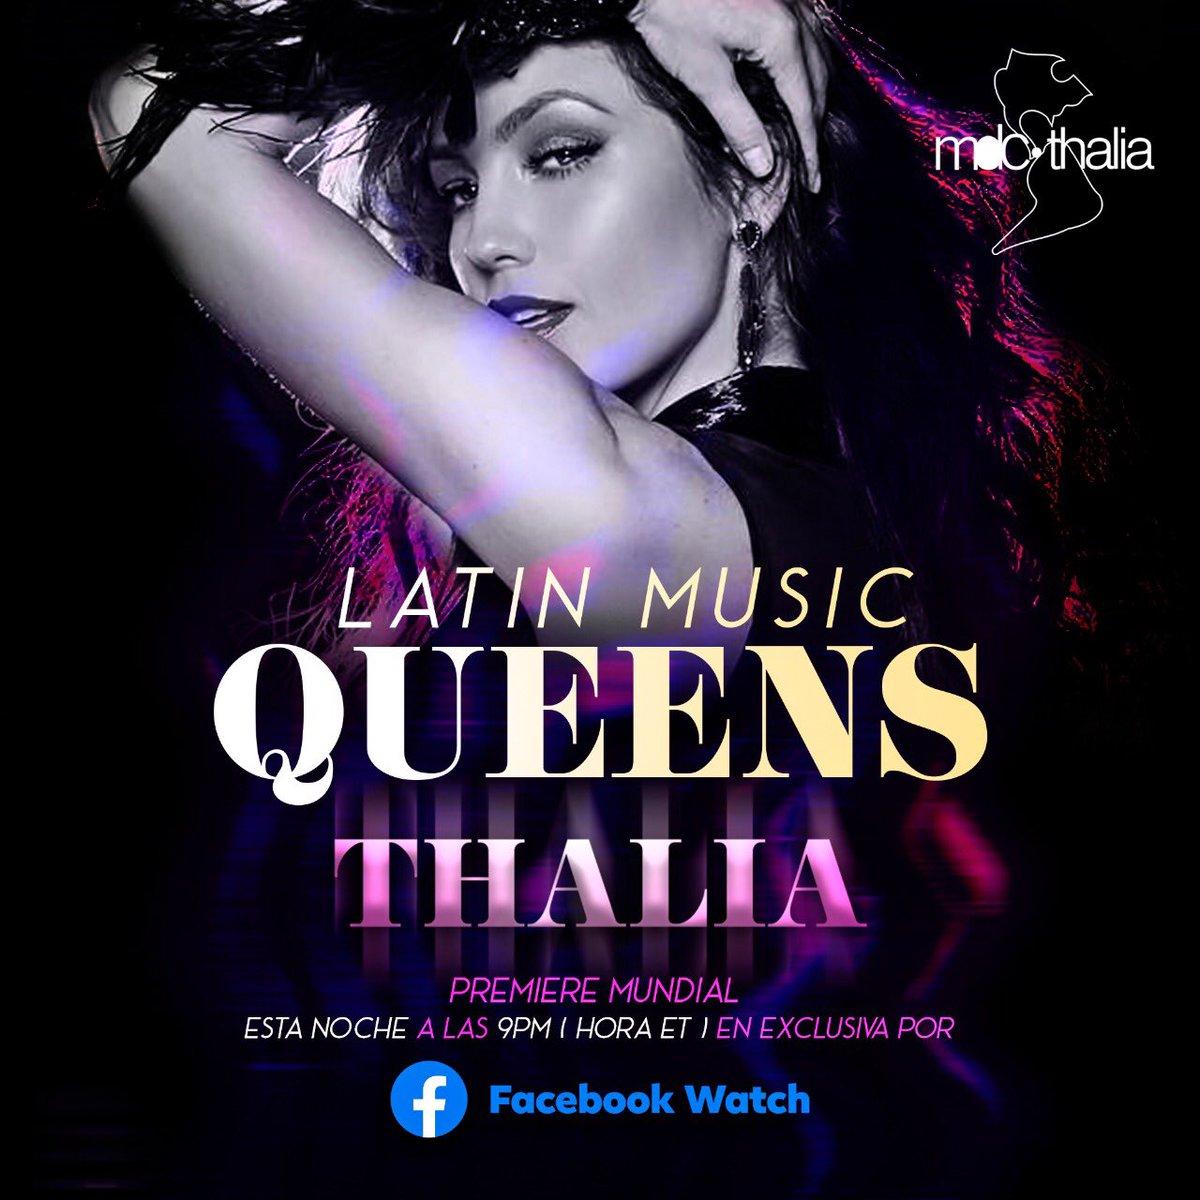 Thalia es una cantante, compositora, actriz, empresaria y filántropa mexicana que lleva casi tres décadas de vigencia en la industria de la música desde su debut como solista en el año de 1990 #Thalia #LatinMusicQueens #FacebookWatch #24Sep #LatinPower #MDCThalia @thalia https://t.co/NY1vuzZM79